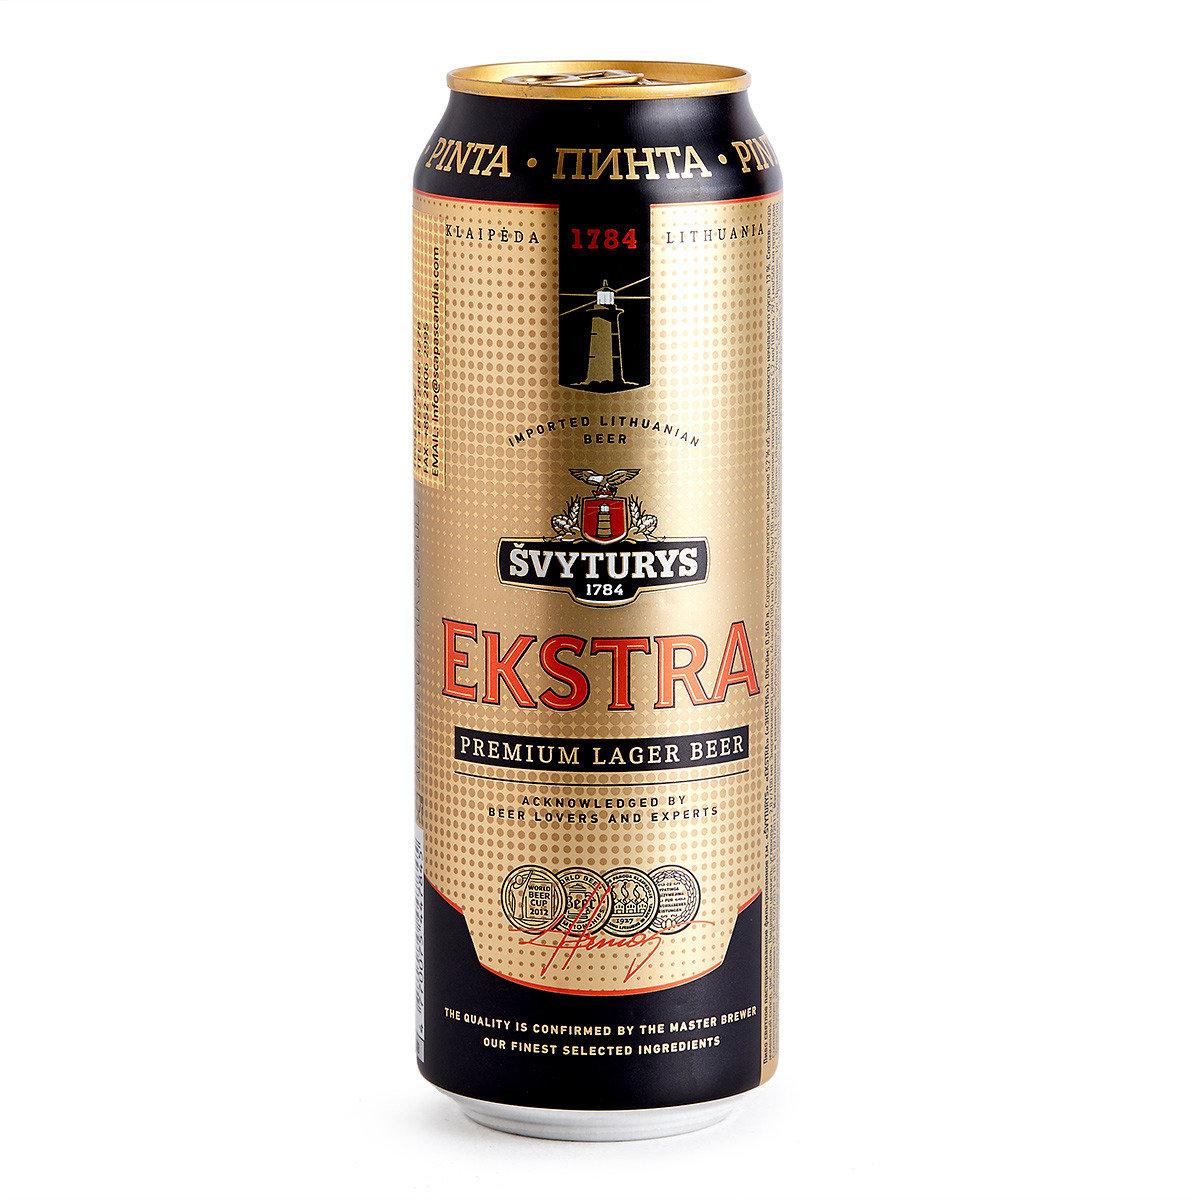 手工啤酒 - 黃金麥啤